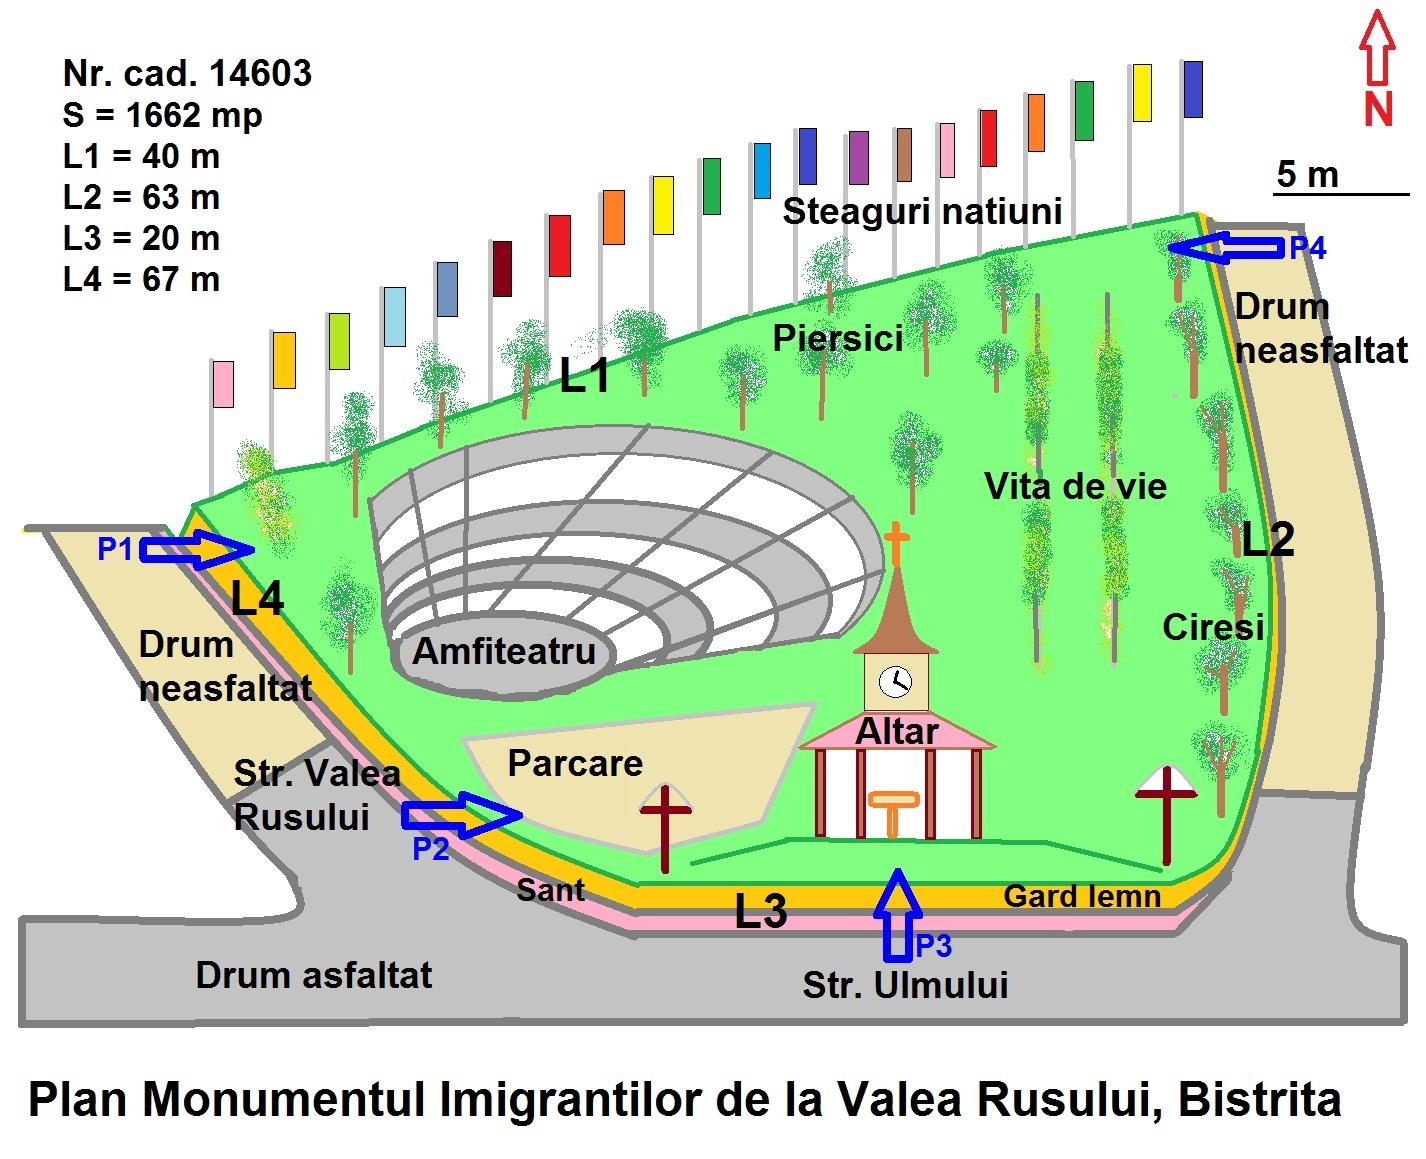 Monumentul Imigrantilor Valea Rusului